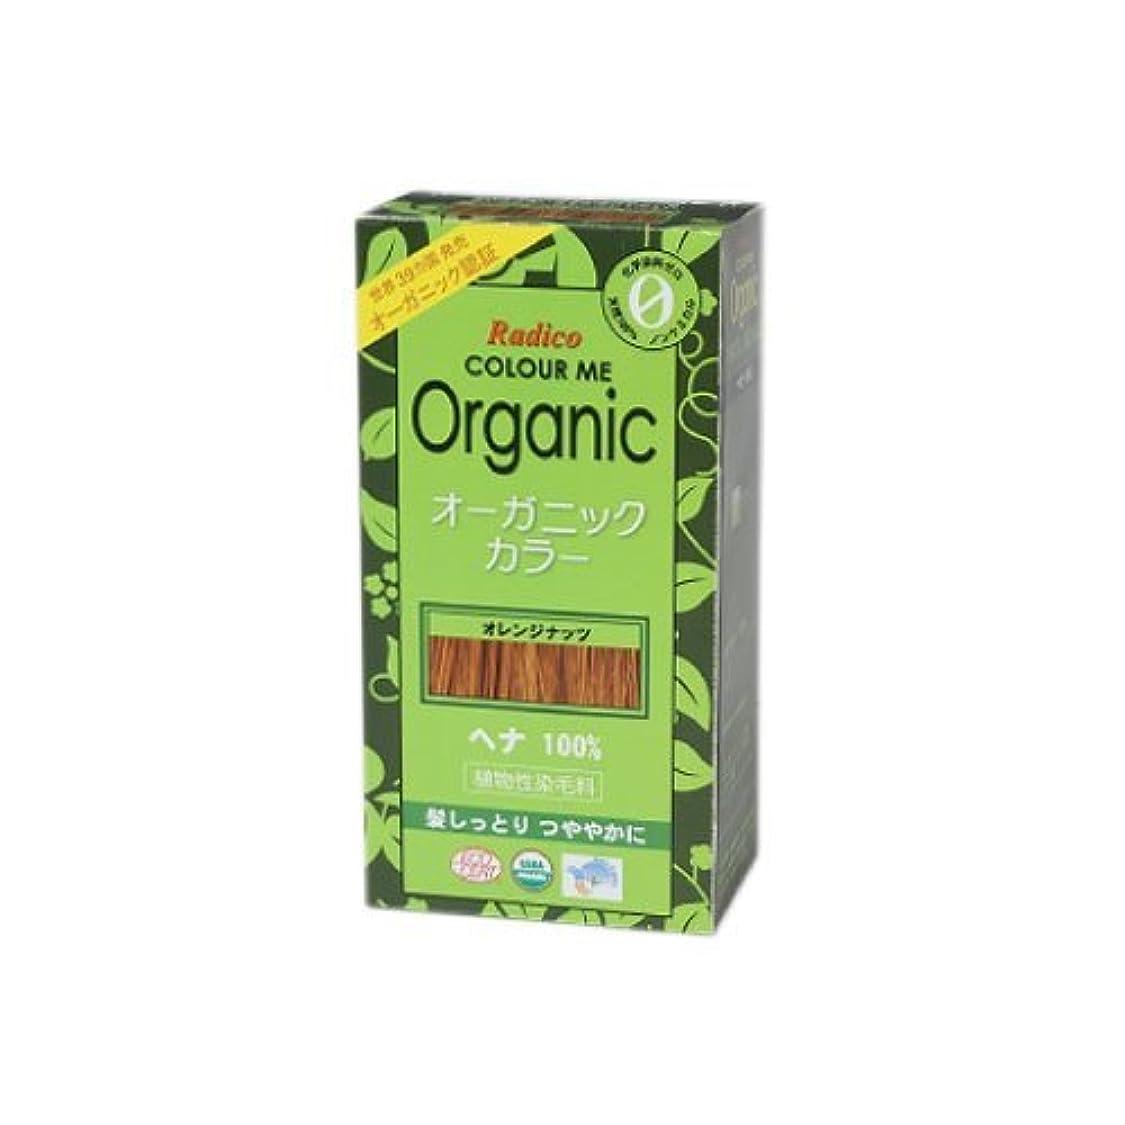 置くためにパック移植エゴイズムCOLOURME Organic (カラーミーオーガニック ヘナ 白髪用) オレンジナッツ 100g